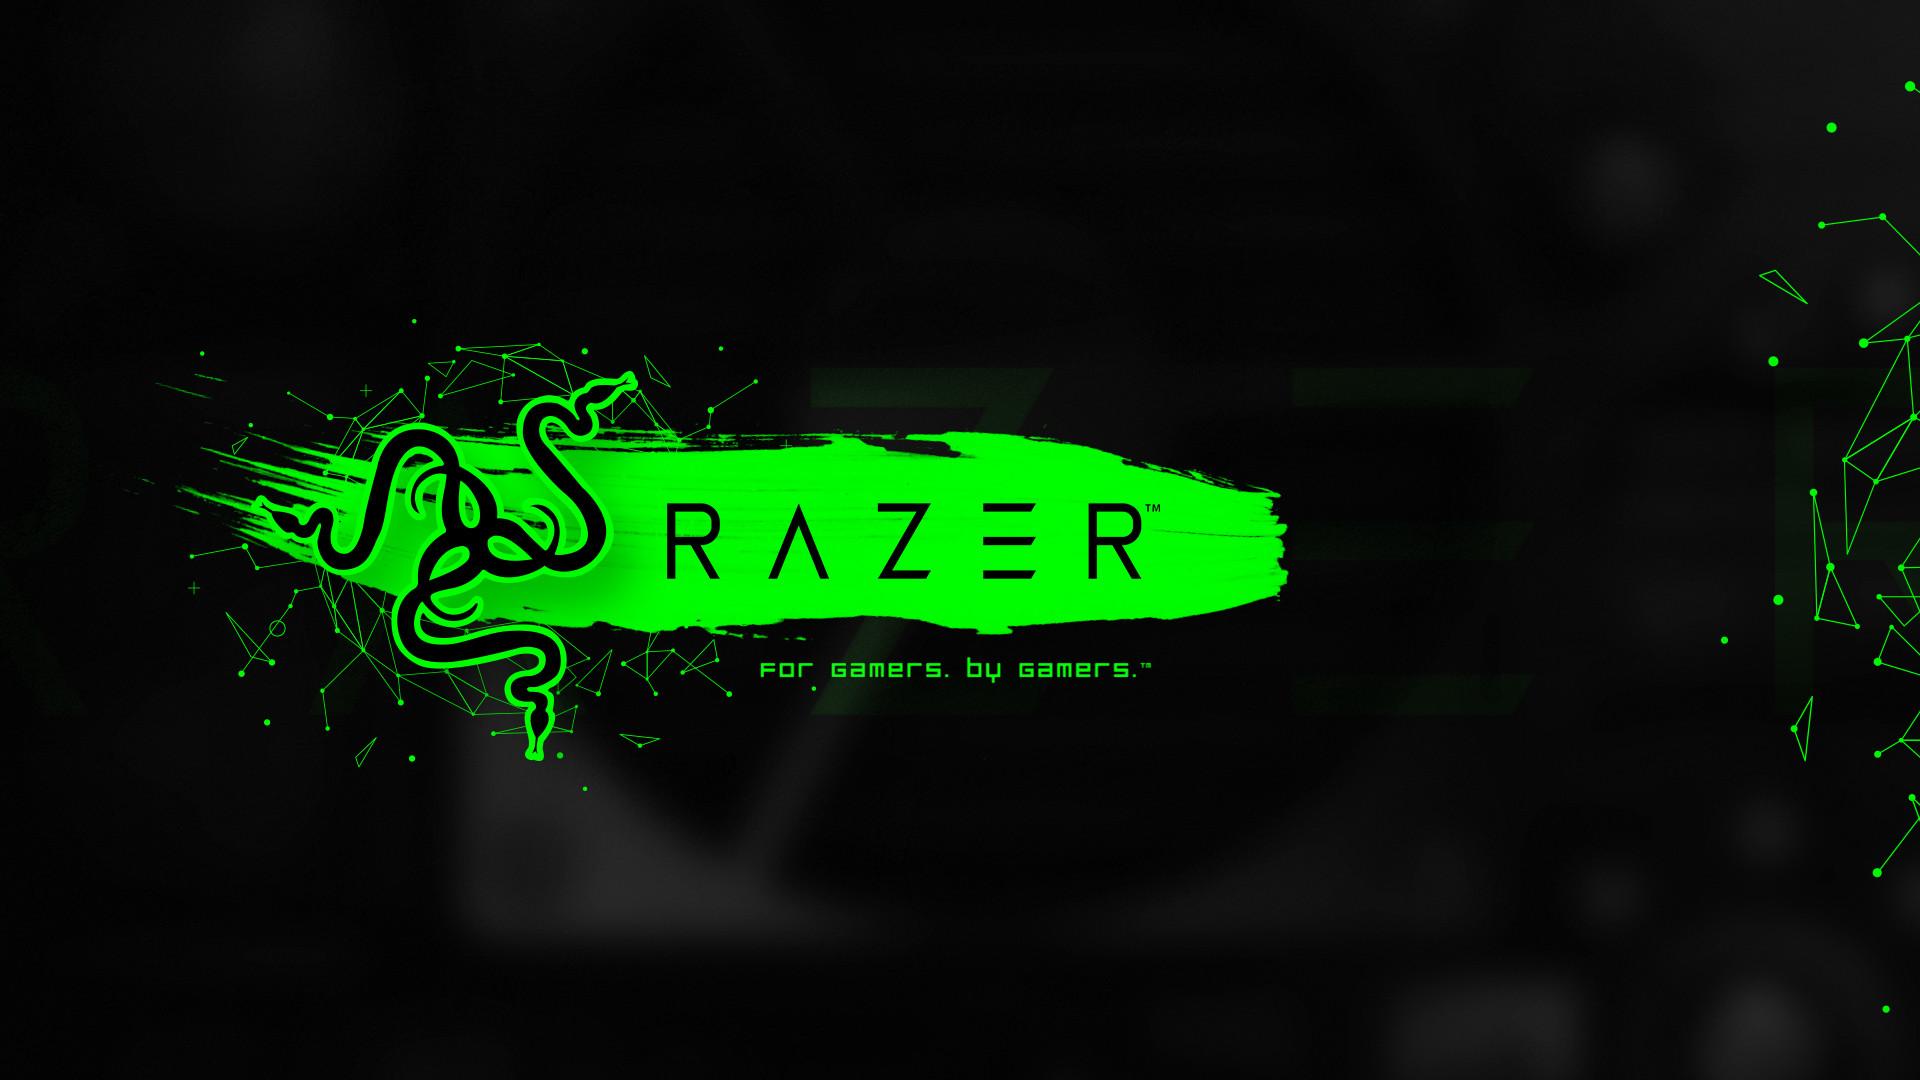 Razer-wallpaper by dusandsg Razer-wallpaper by dusandsg